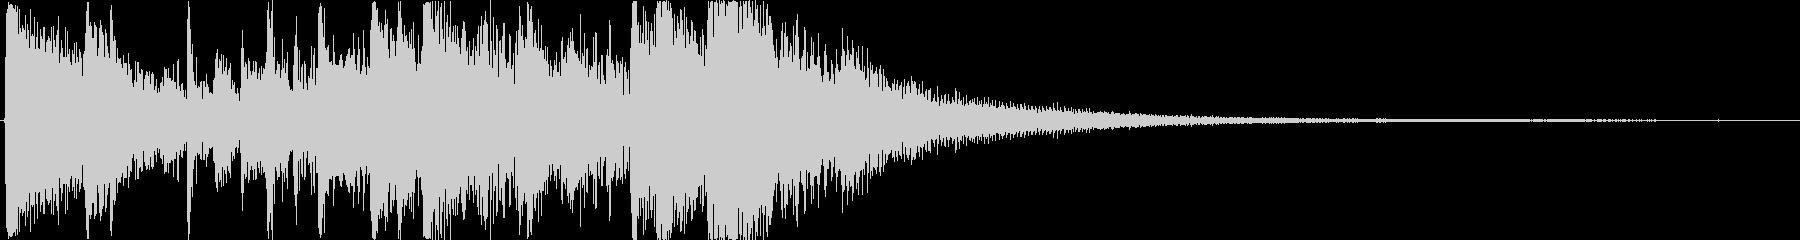 会社のロゴ、プログラムの紹介、ブラ...の未再生の波形